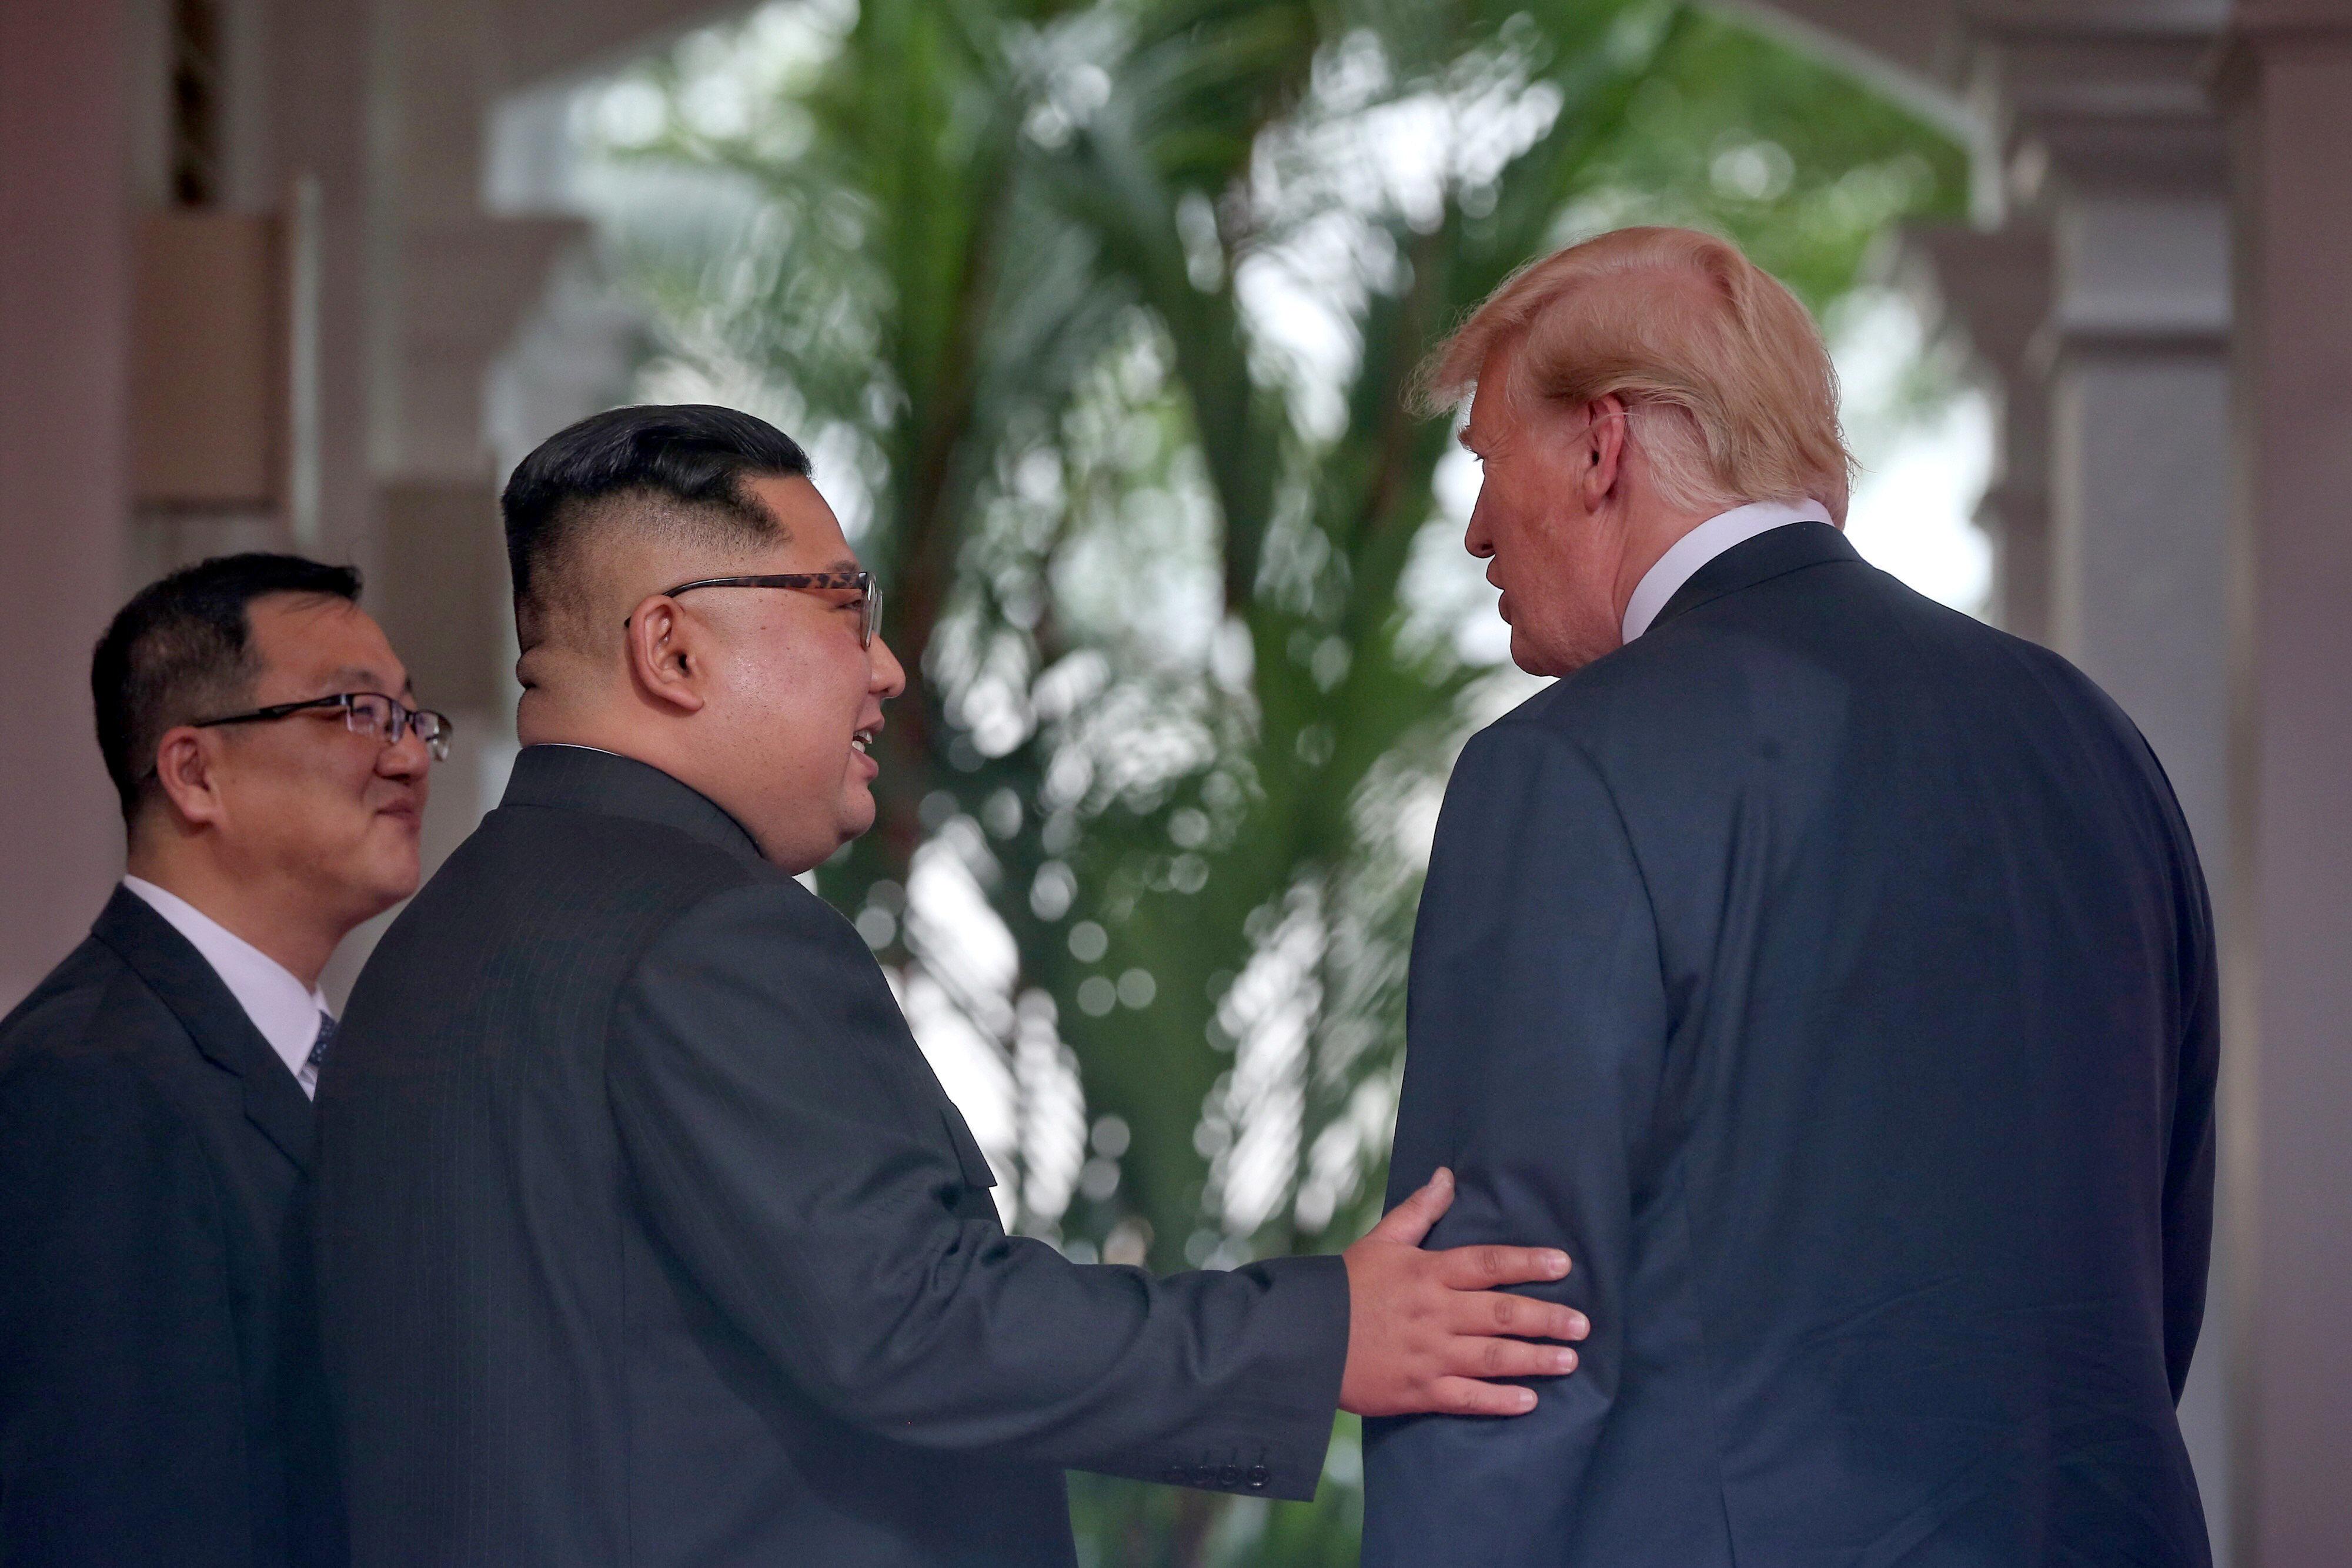 중국이 '비핵화 이행에 따라 대북제재를 완화해야 한다'고